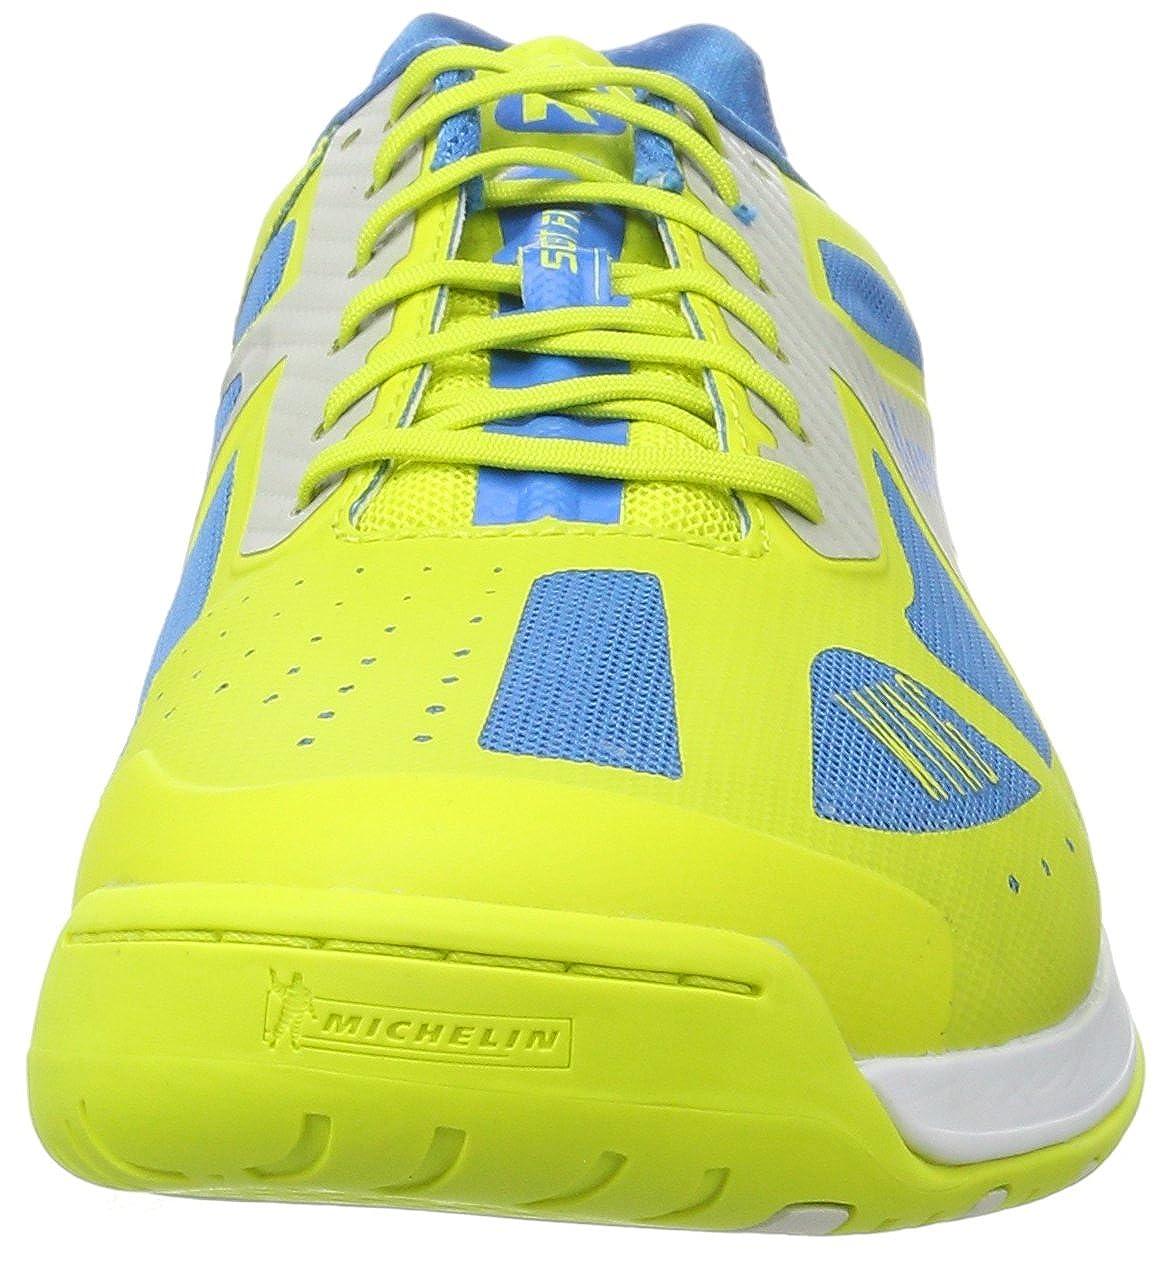 Kempa Wing Lite, Zapatillas de Balonmano Unisex Adulto: Amazon.es: Zapatos y complementos